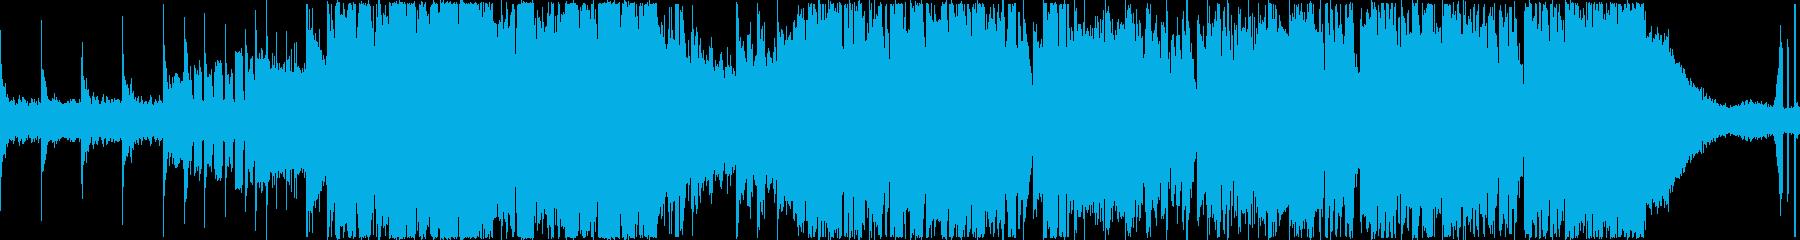 ダークでヘビーなダブステップ×メタルの再生済みの波形